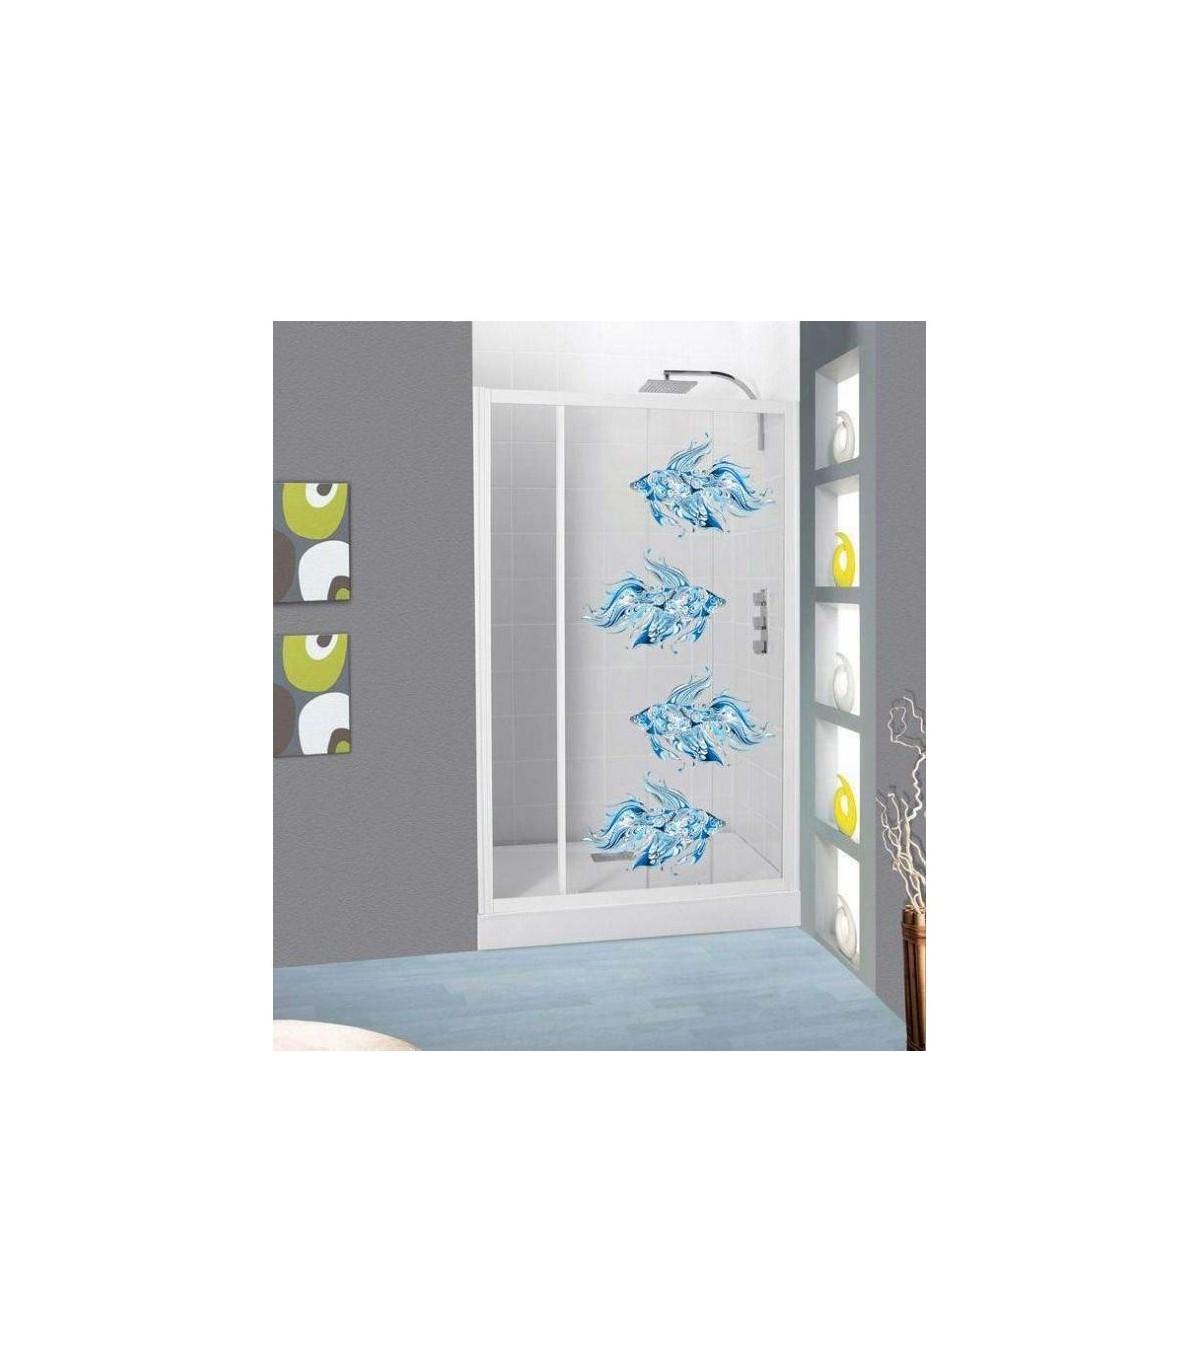 Sticker original et pas cher pour salle de bain et douche, b